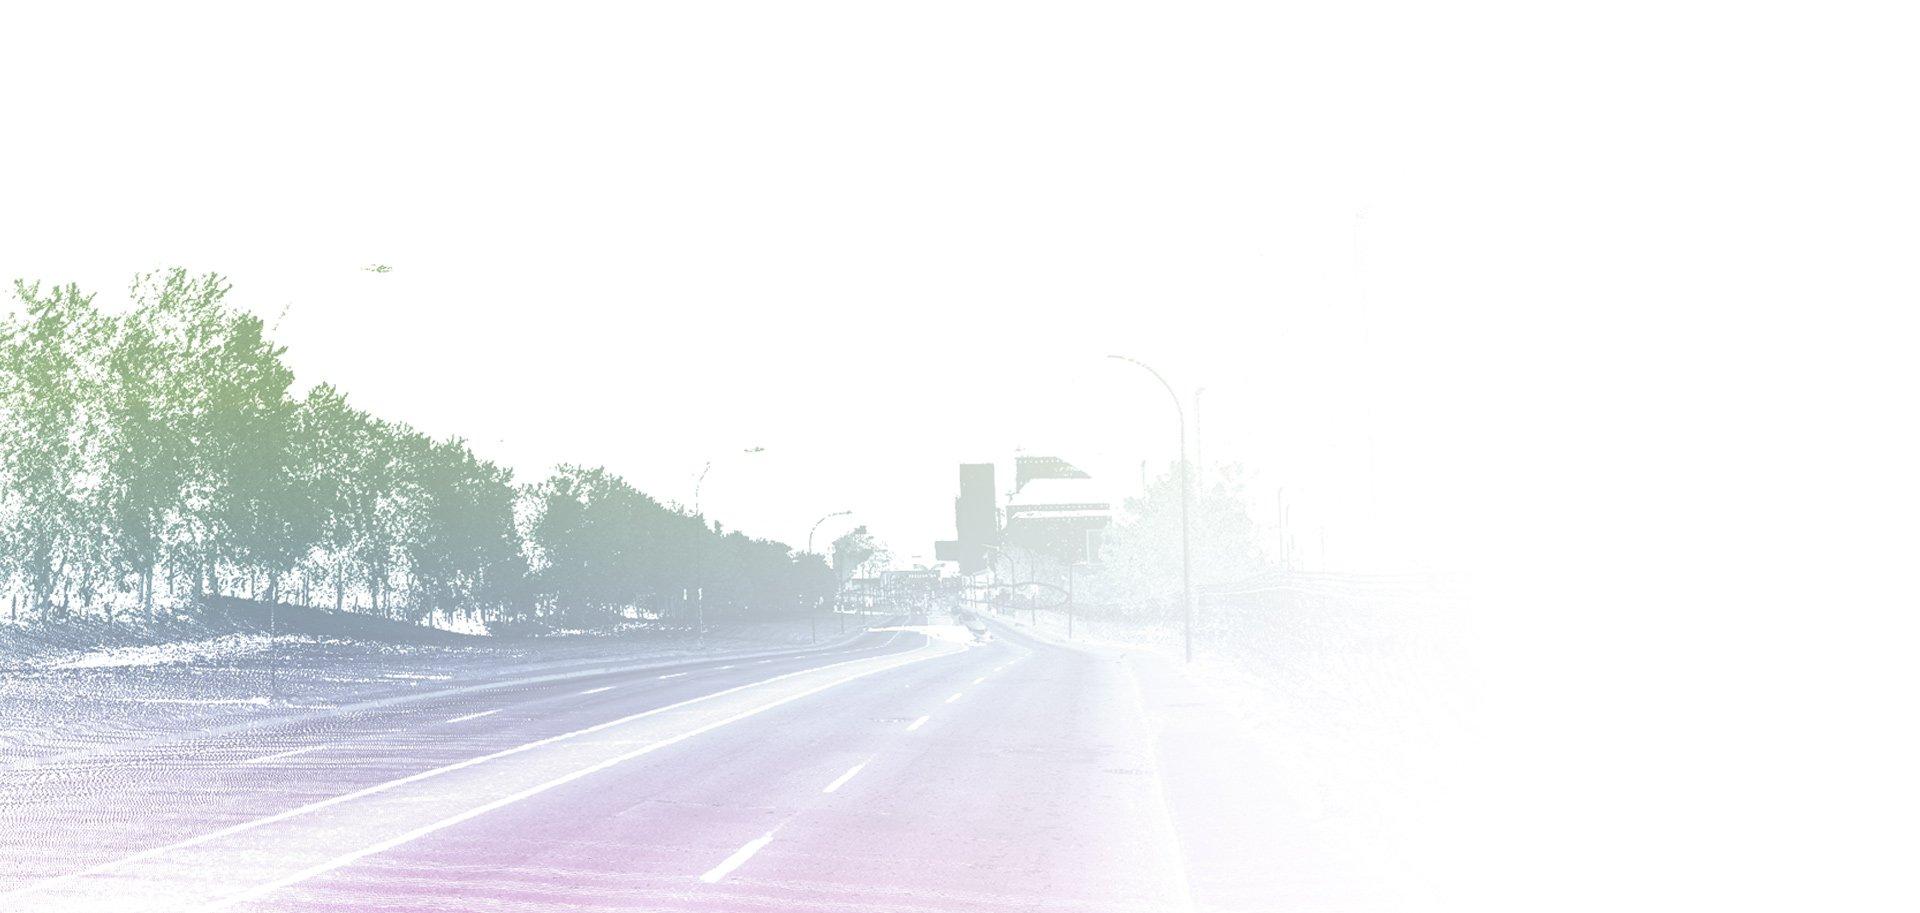 Jakarto_DigitalCity_Backgroung_bas2_V01